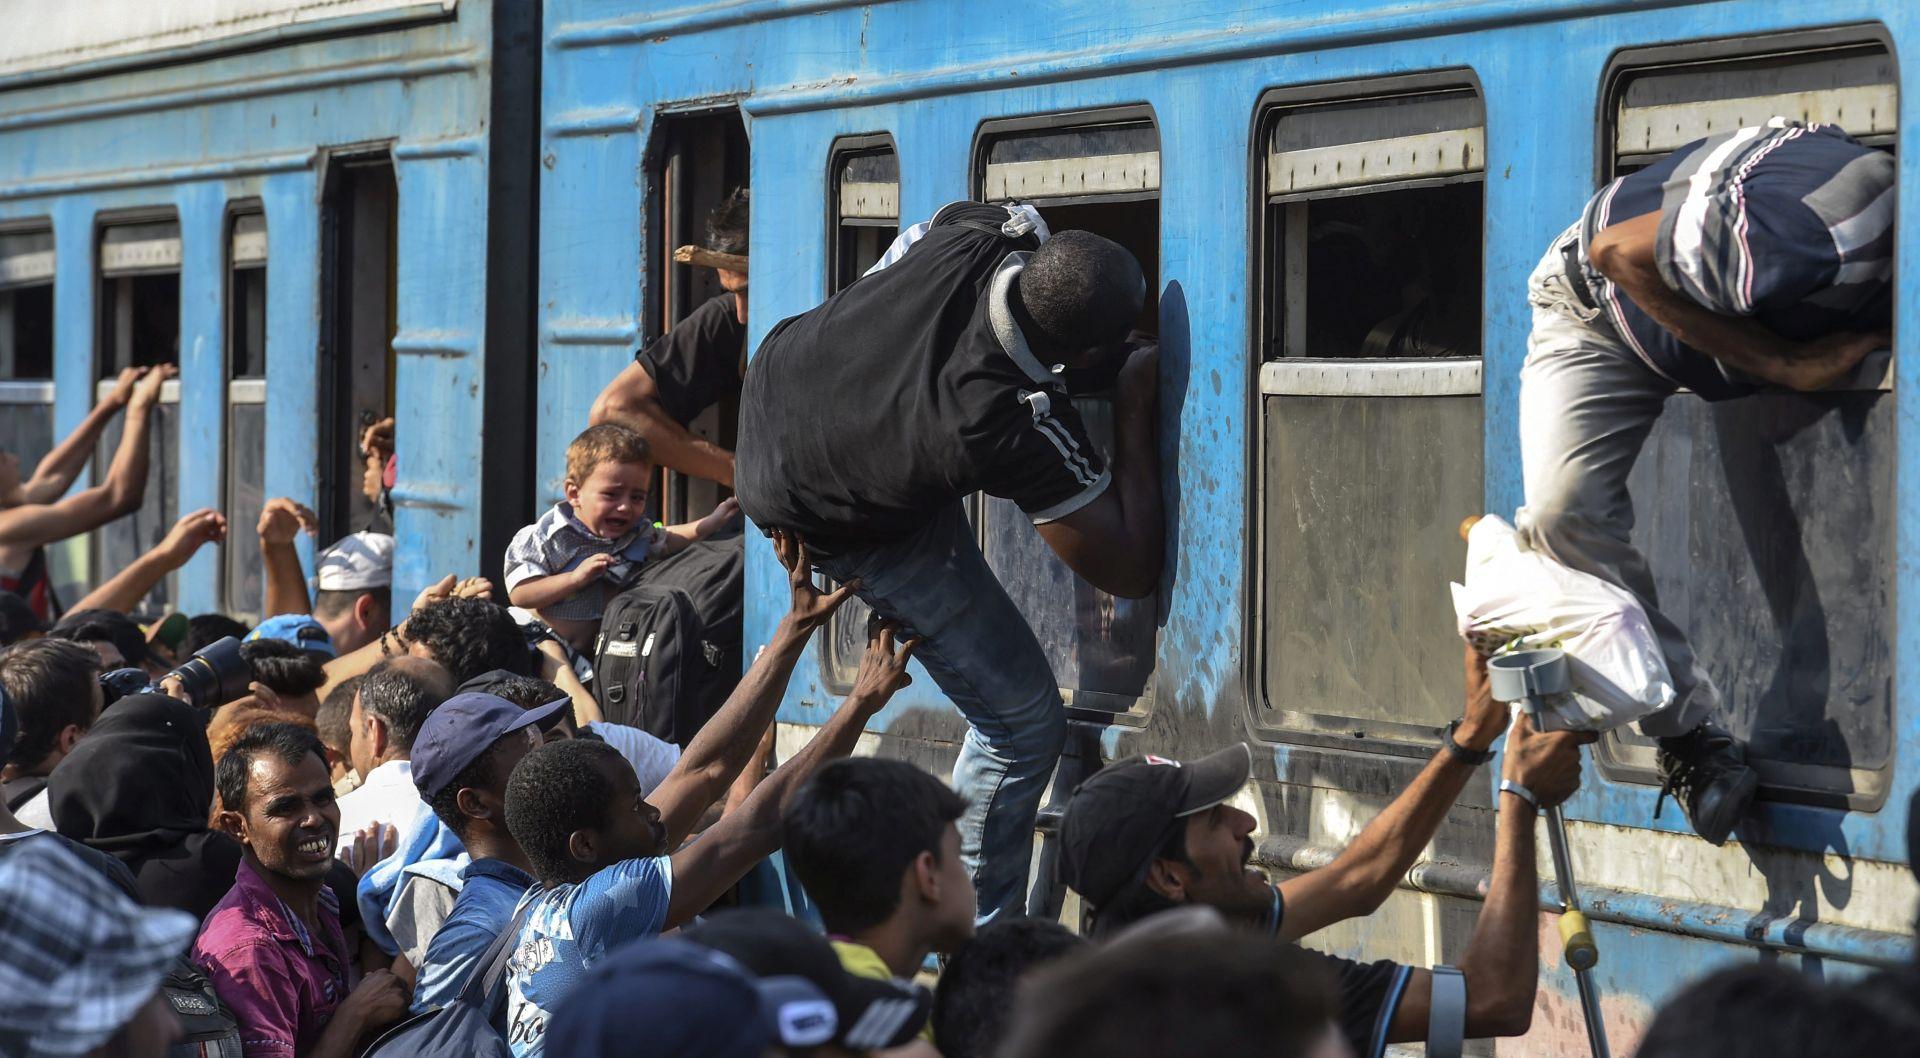 FOTO: RASPOREĐUJU SE VOJNICI Makedonija proglasila izvanredno stanje zbog izbjegličke krize